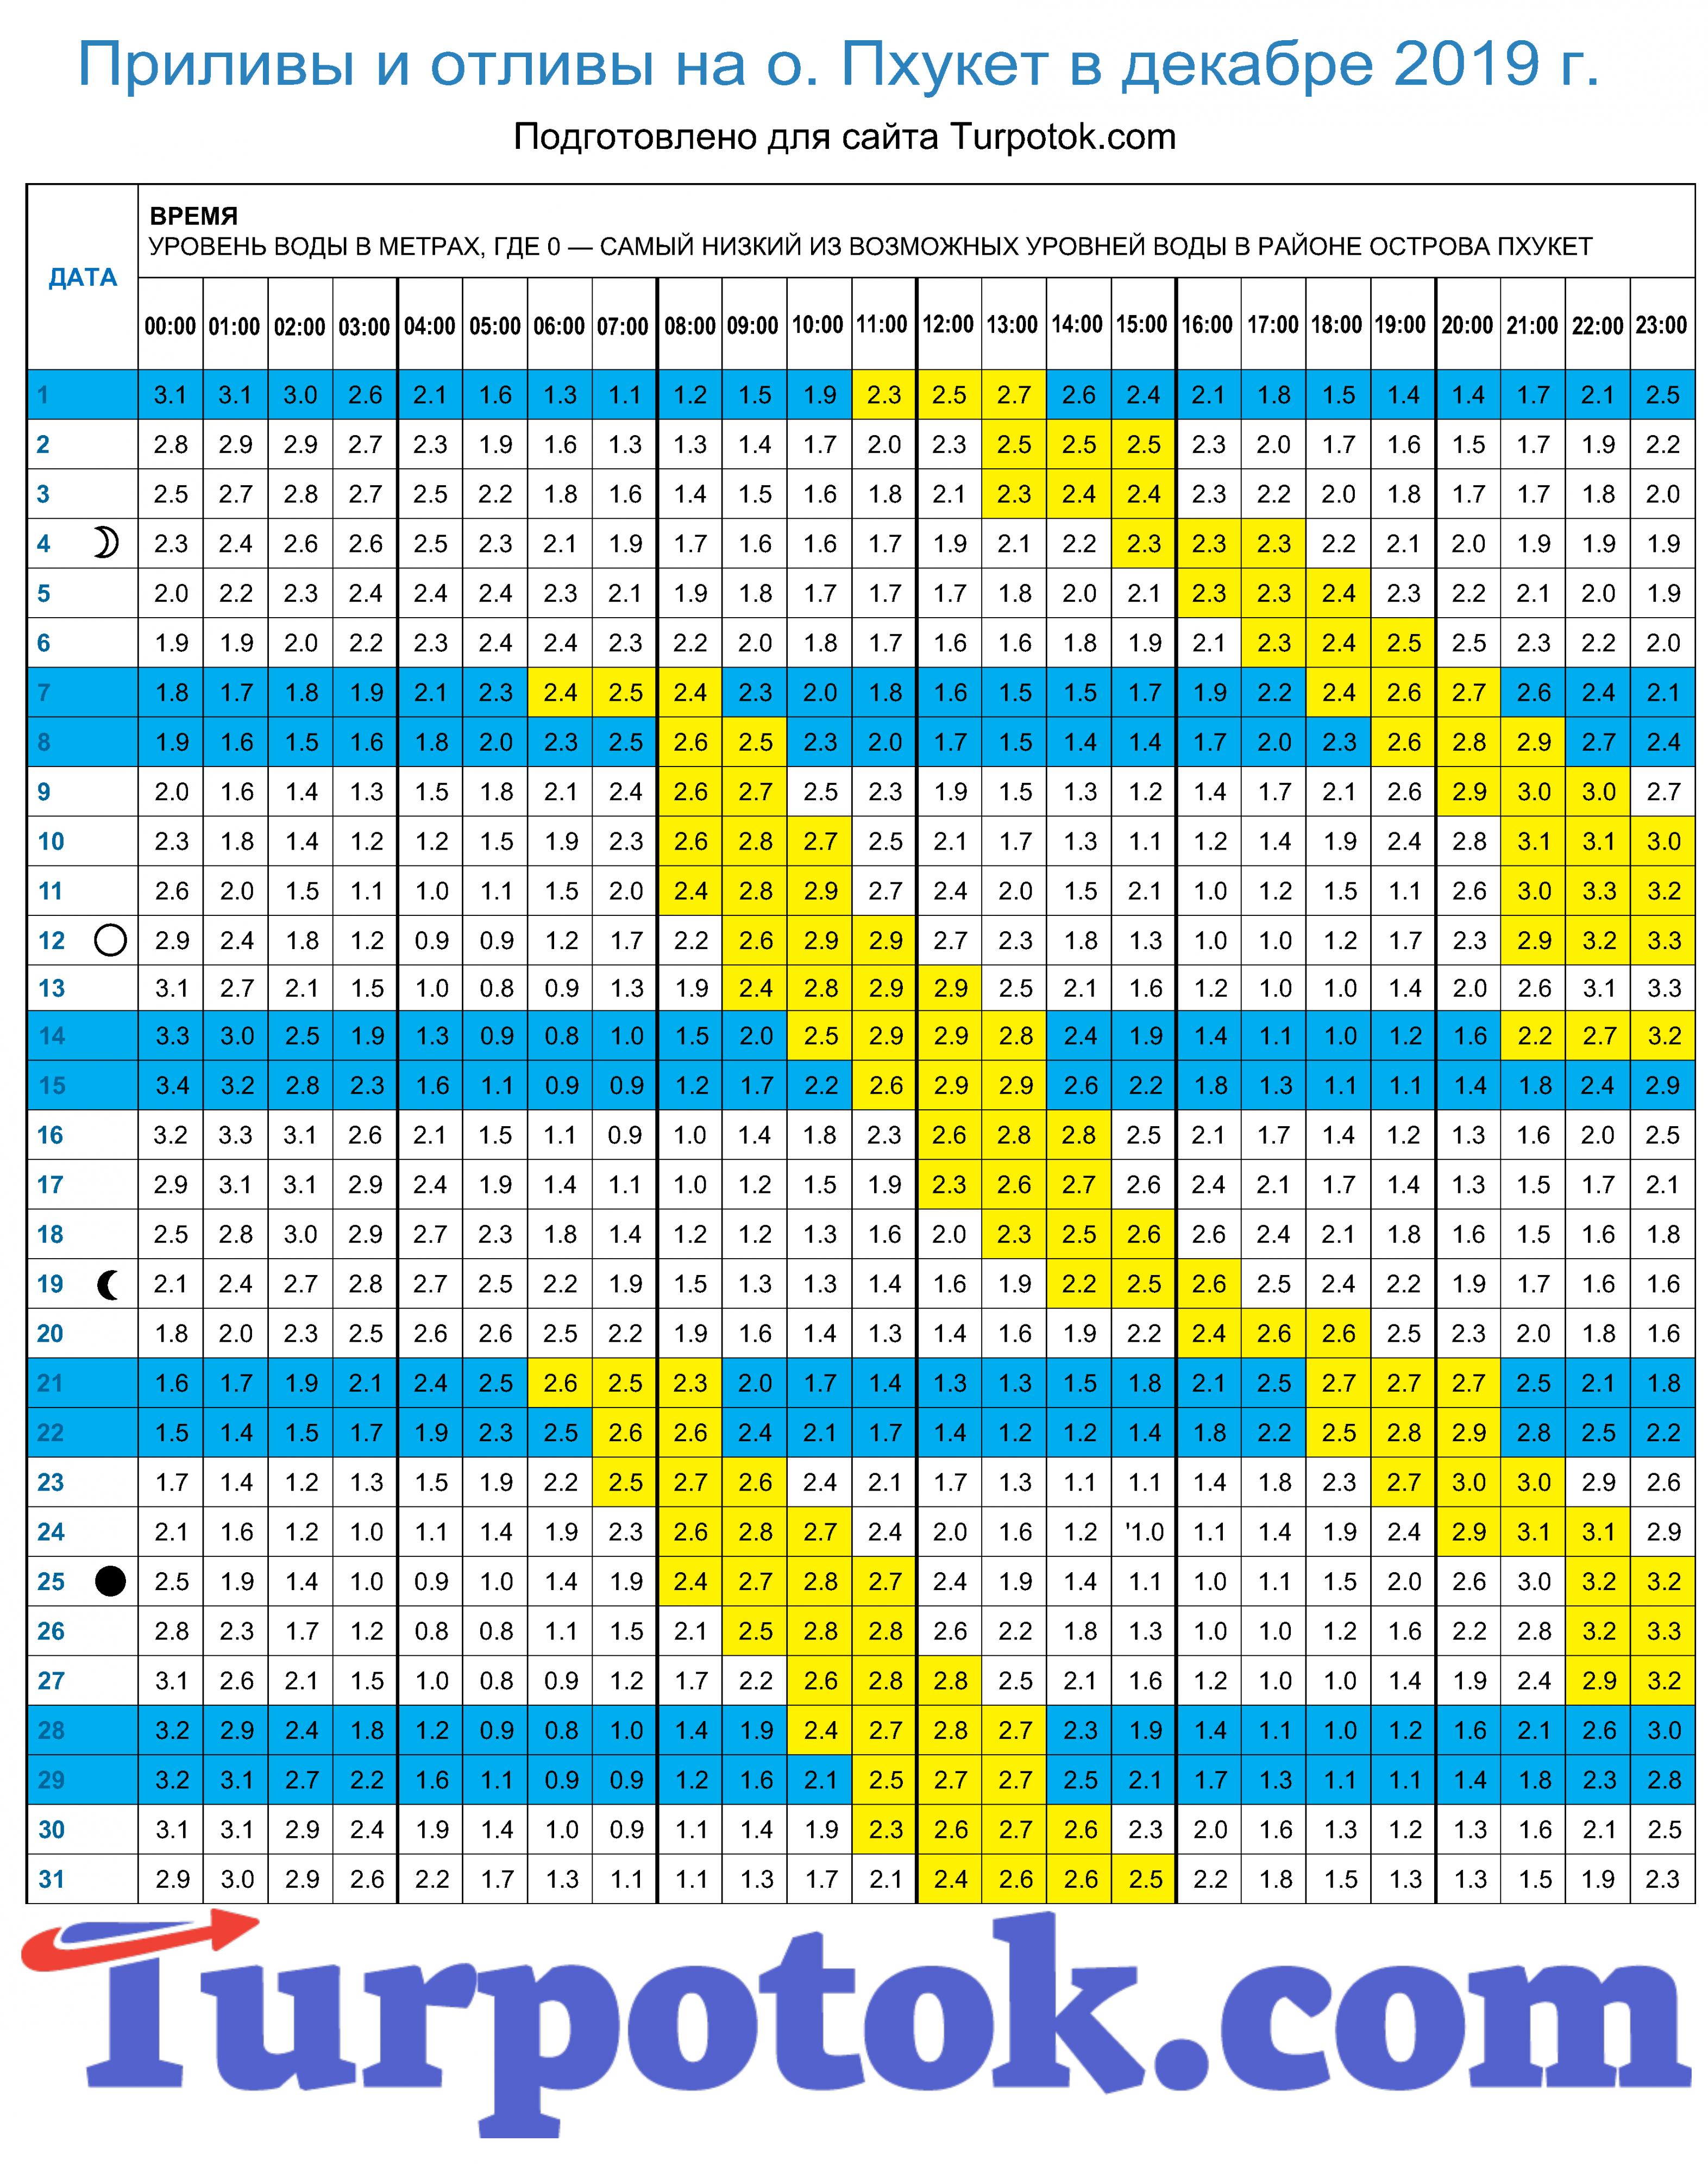 Таблица отливов на декабрь